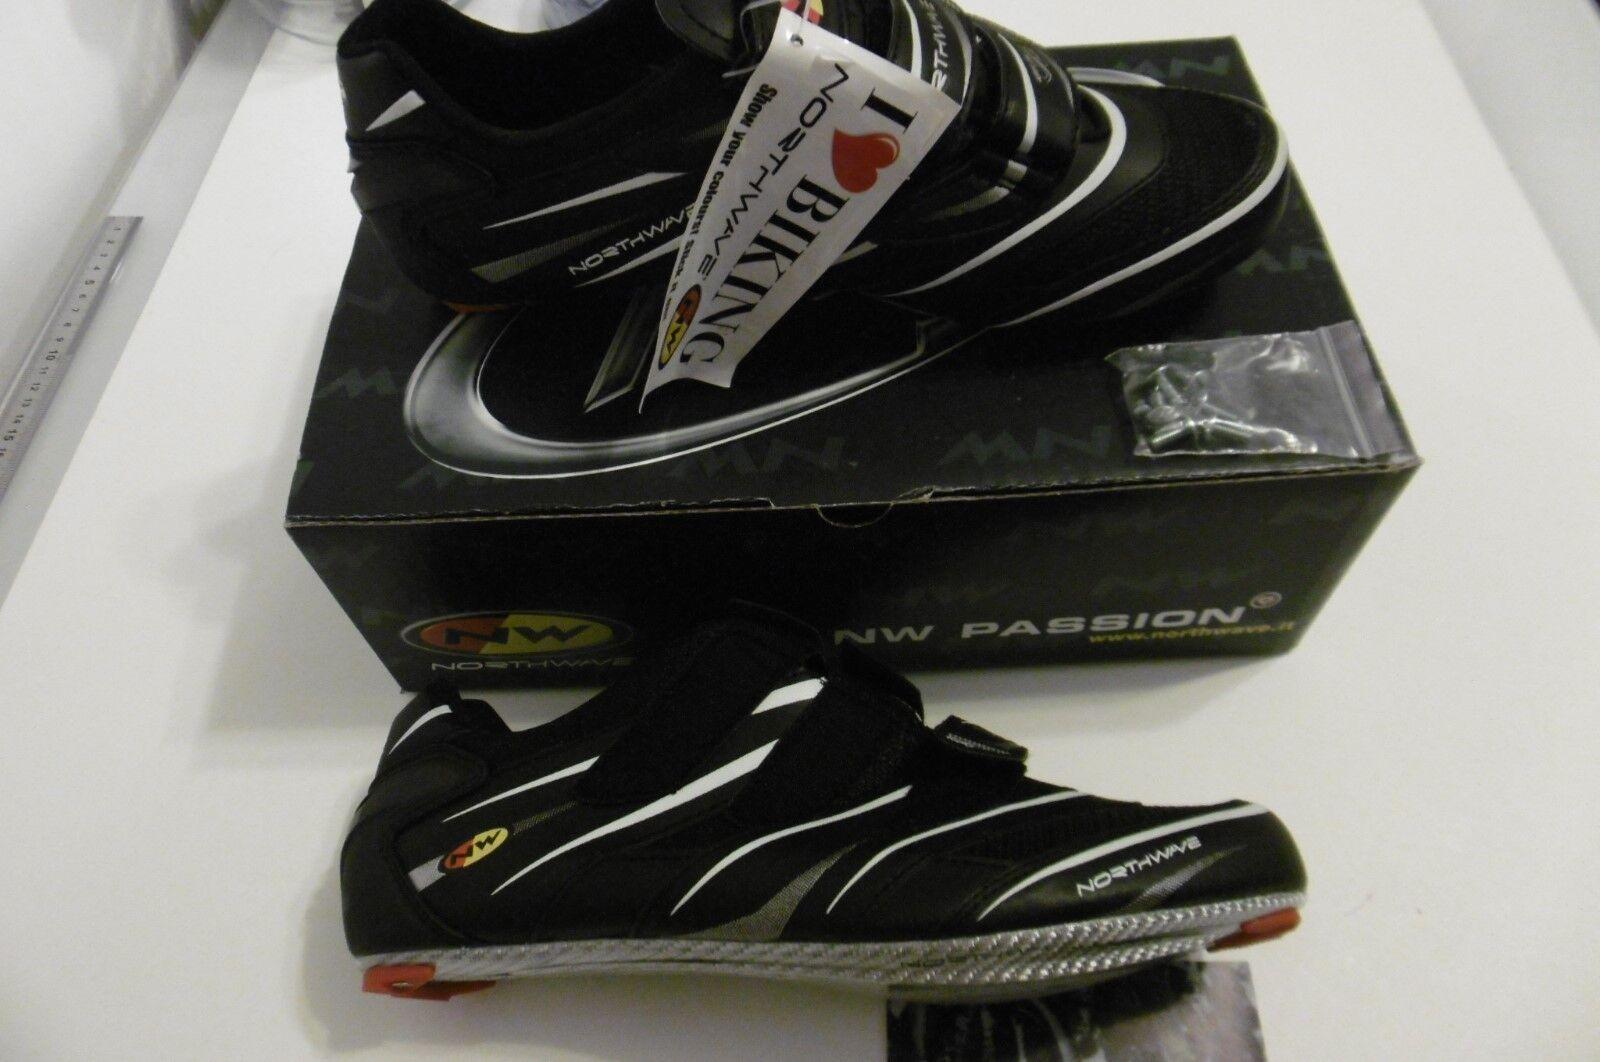 NORTHWAVE Negro zapatos Cochebon composite Flow sistema Talla 45 nuevo  Air En Caja  El nuevo outlet de marcas online.